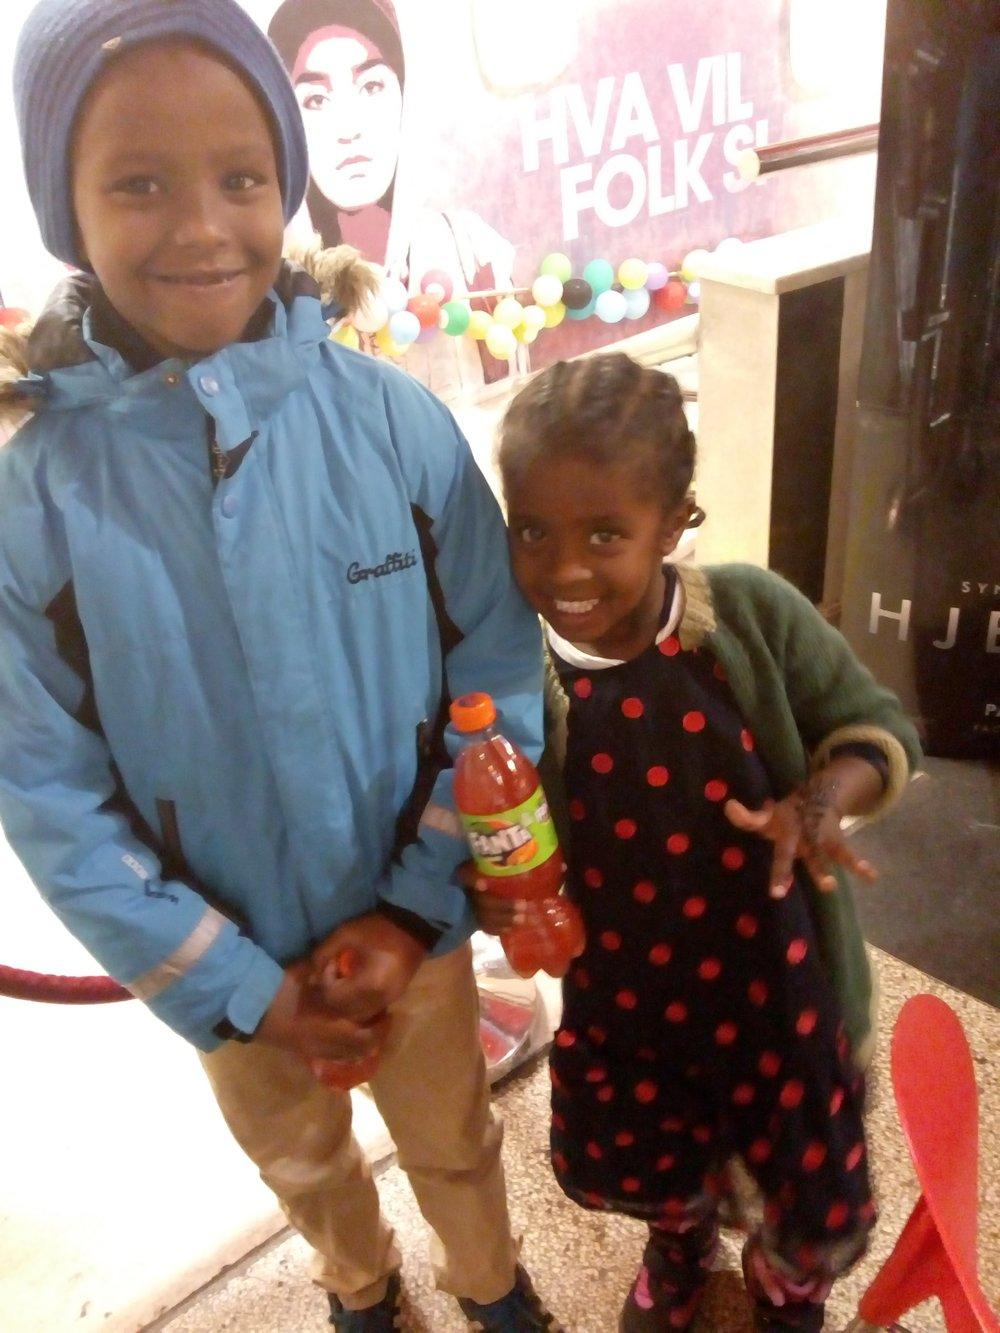 Gleder seg til filmene: Mohammed (7) ser frem til flere av filmtitlene på film festivalen på Saga kino lørdag 25. november. Her viser lillesøsteren hans Aaliya (4) frem henna-malingen hun nettopp har fått.